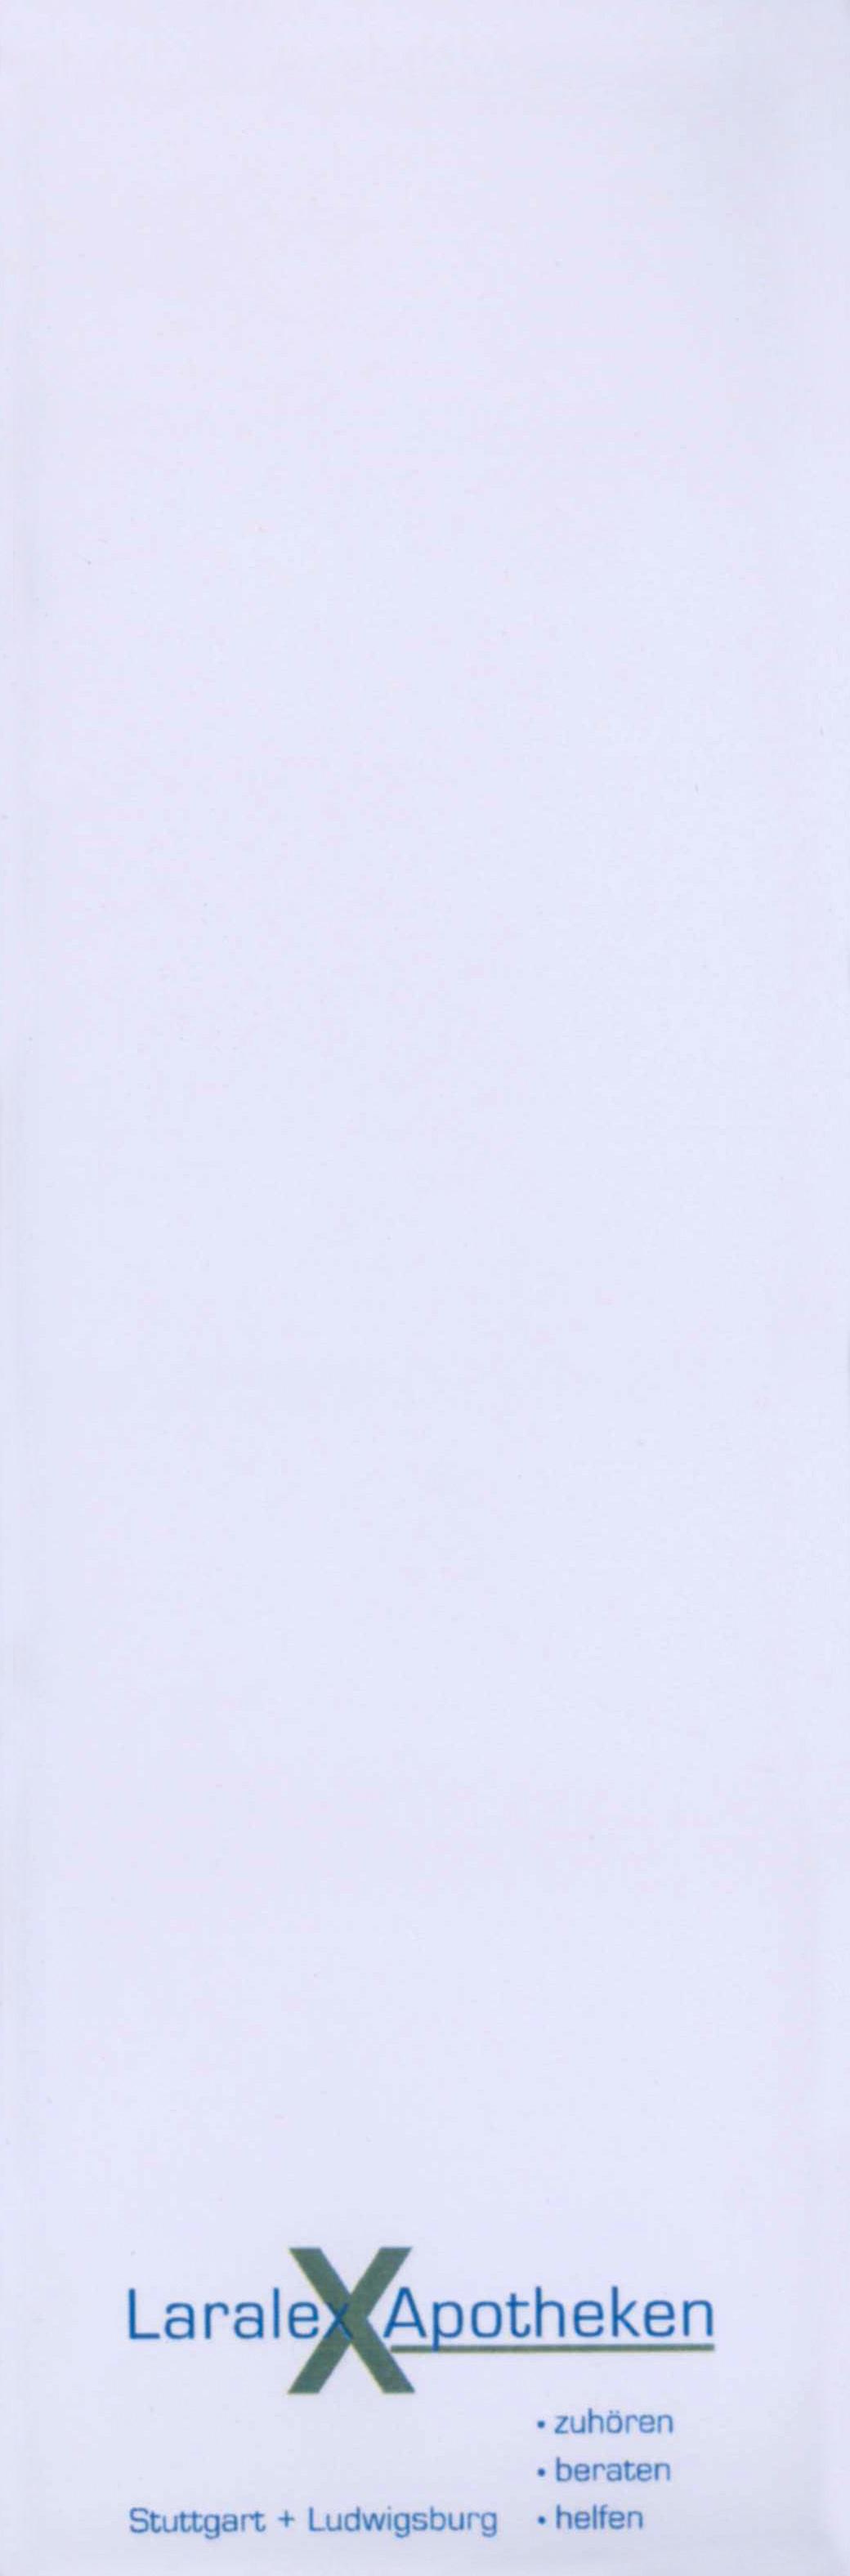 Notizblock 6,6 x 20 cm, 35 Blatt inklusive einfarbigem Druck